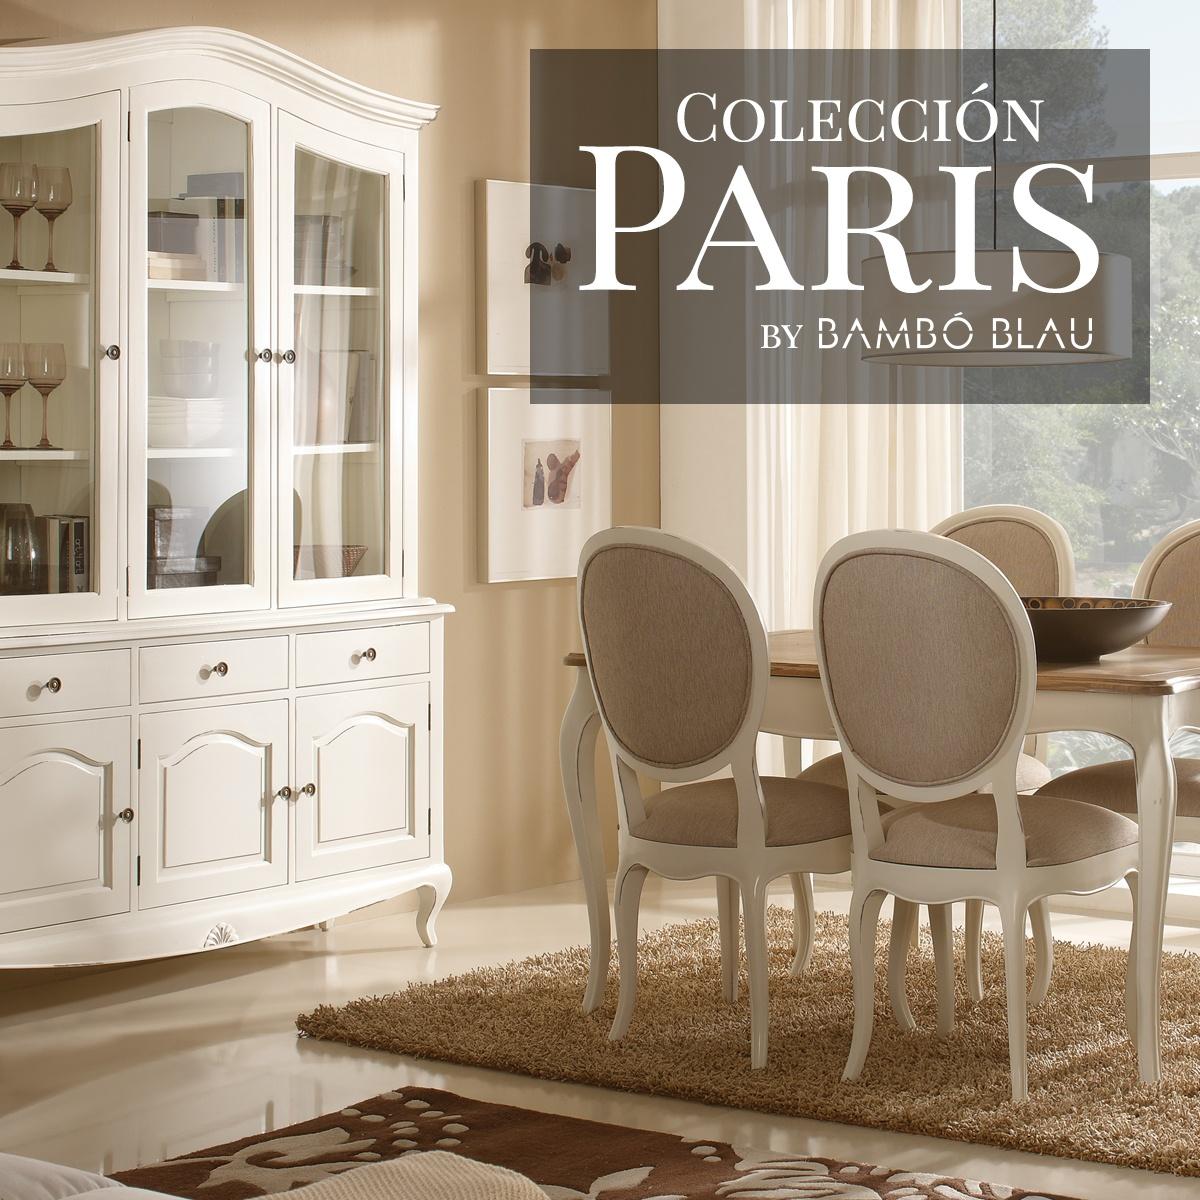 Colección París de Bambó Blau